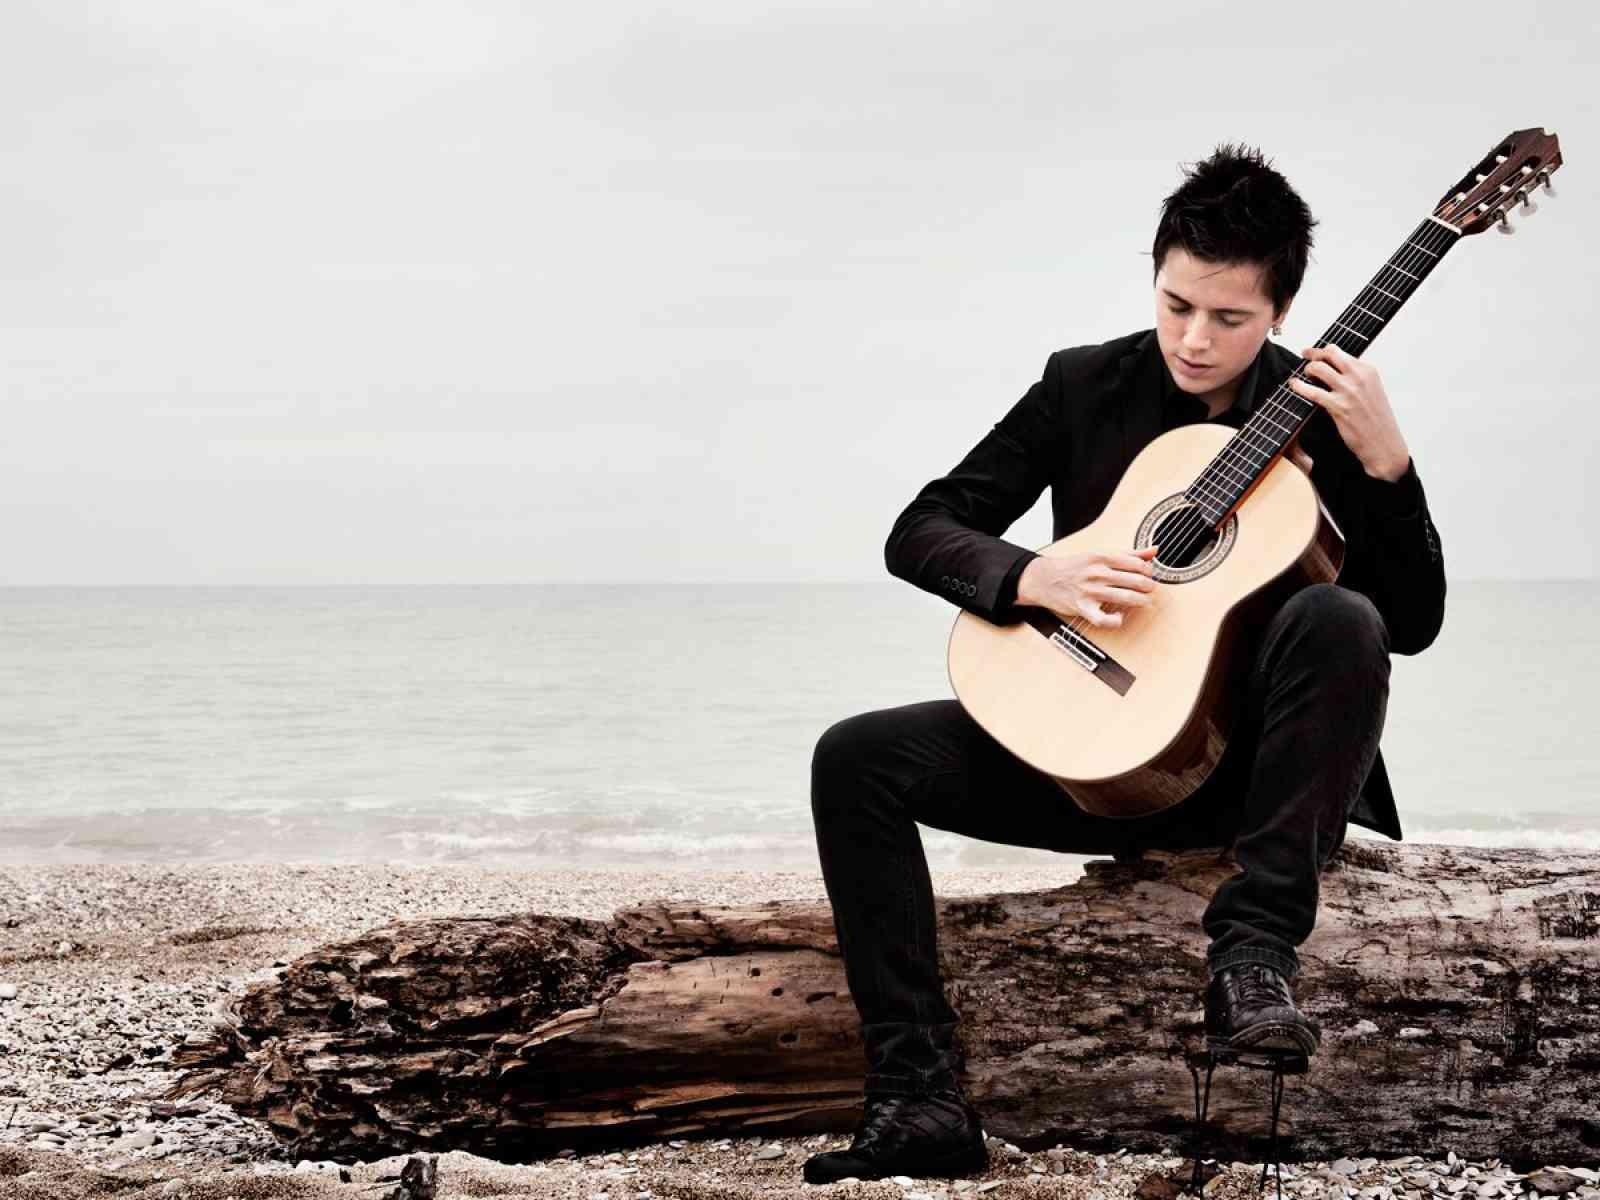 Il chitarrista Gaetano Guardino selezionato per la vetrina internazionale della musica di Miami.